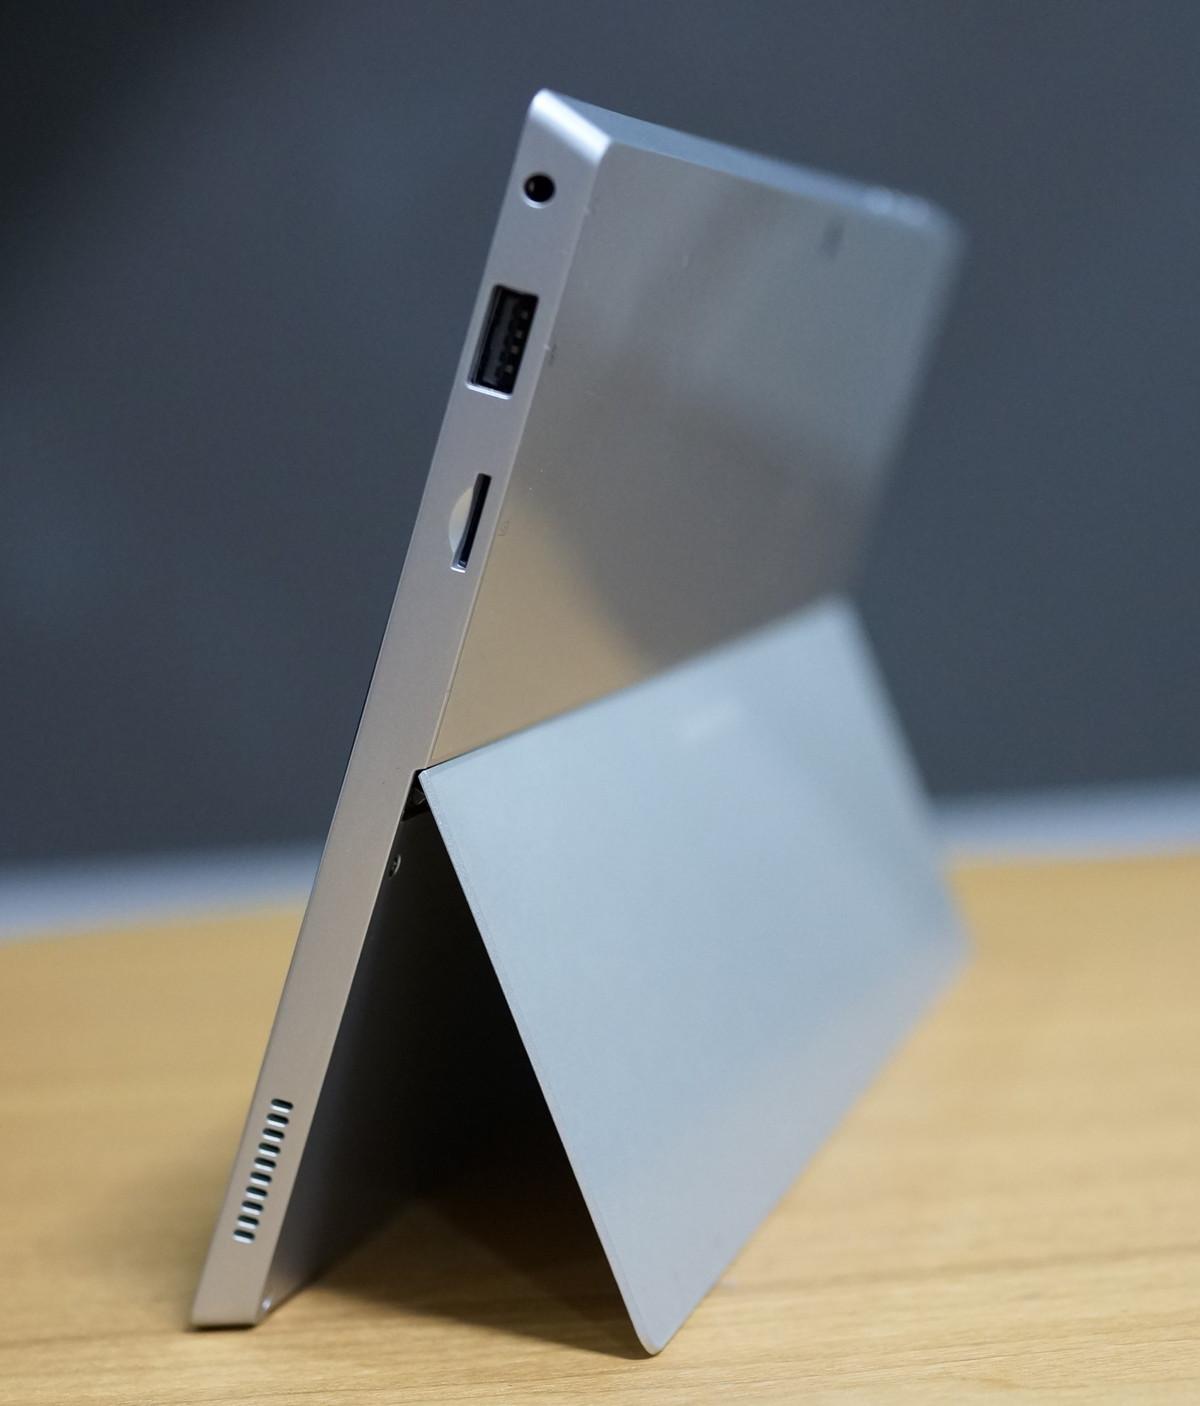 Jumper EZpad 5SE Tablet PC 実機レビュー 右側から見たところの参考画像 キックスタンド浅めで立てています